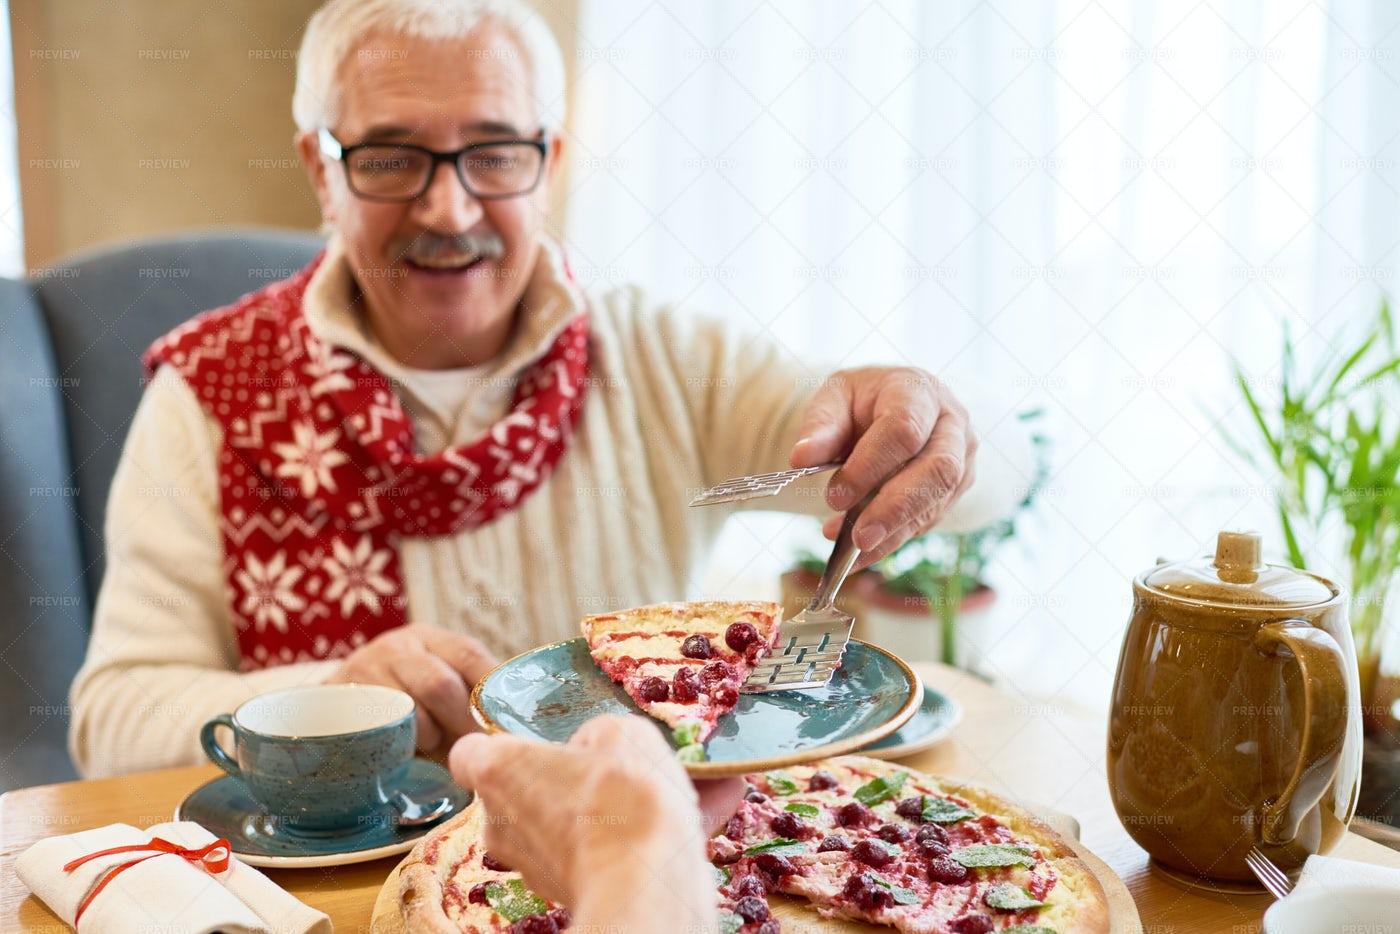 Senior Man Eating Sweet Pie At...: Stock Photos